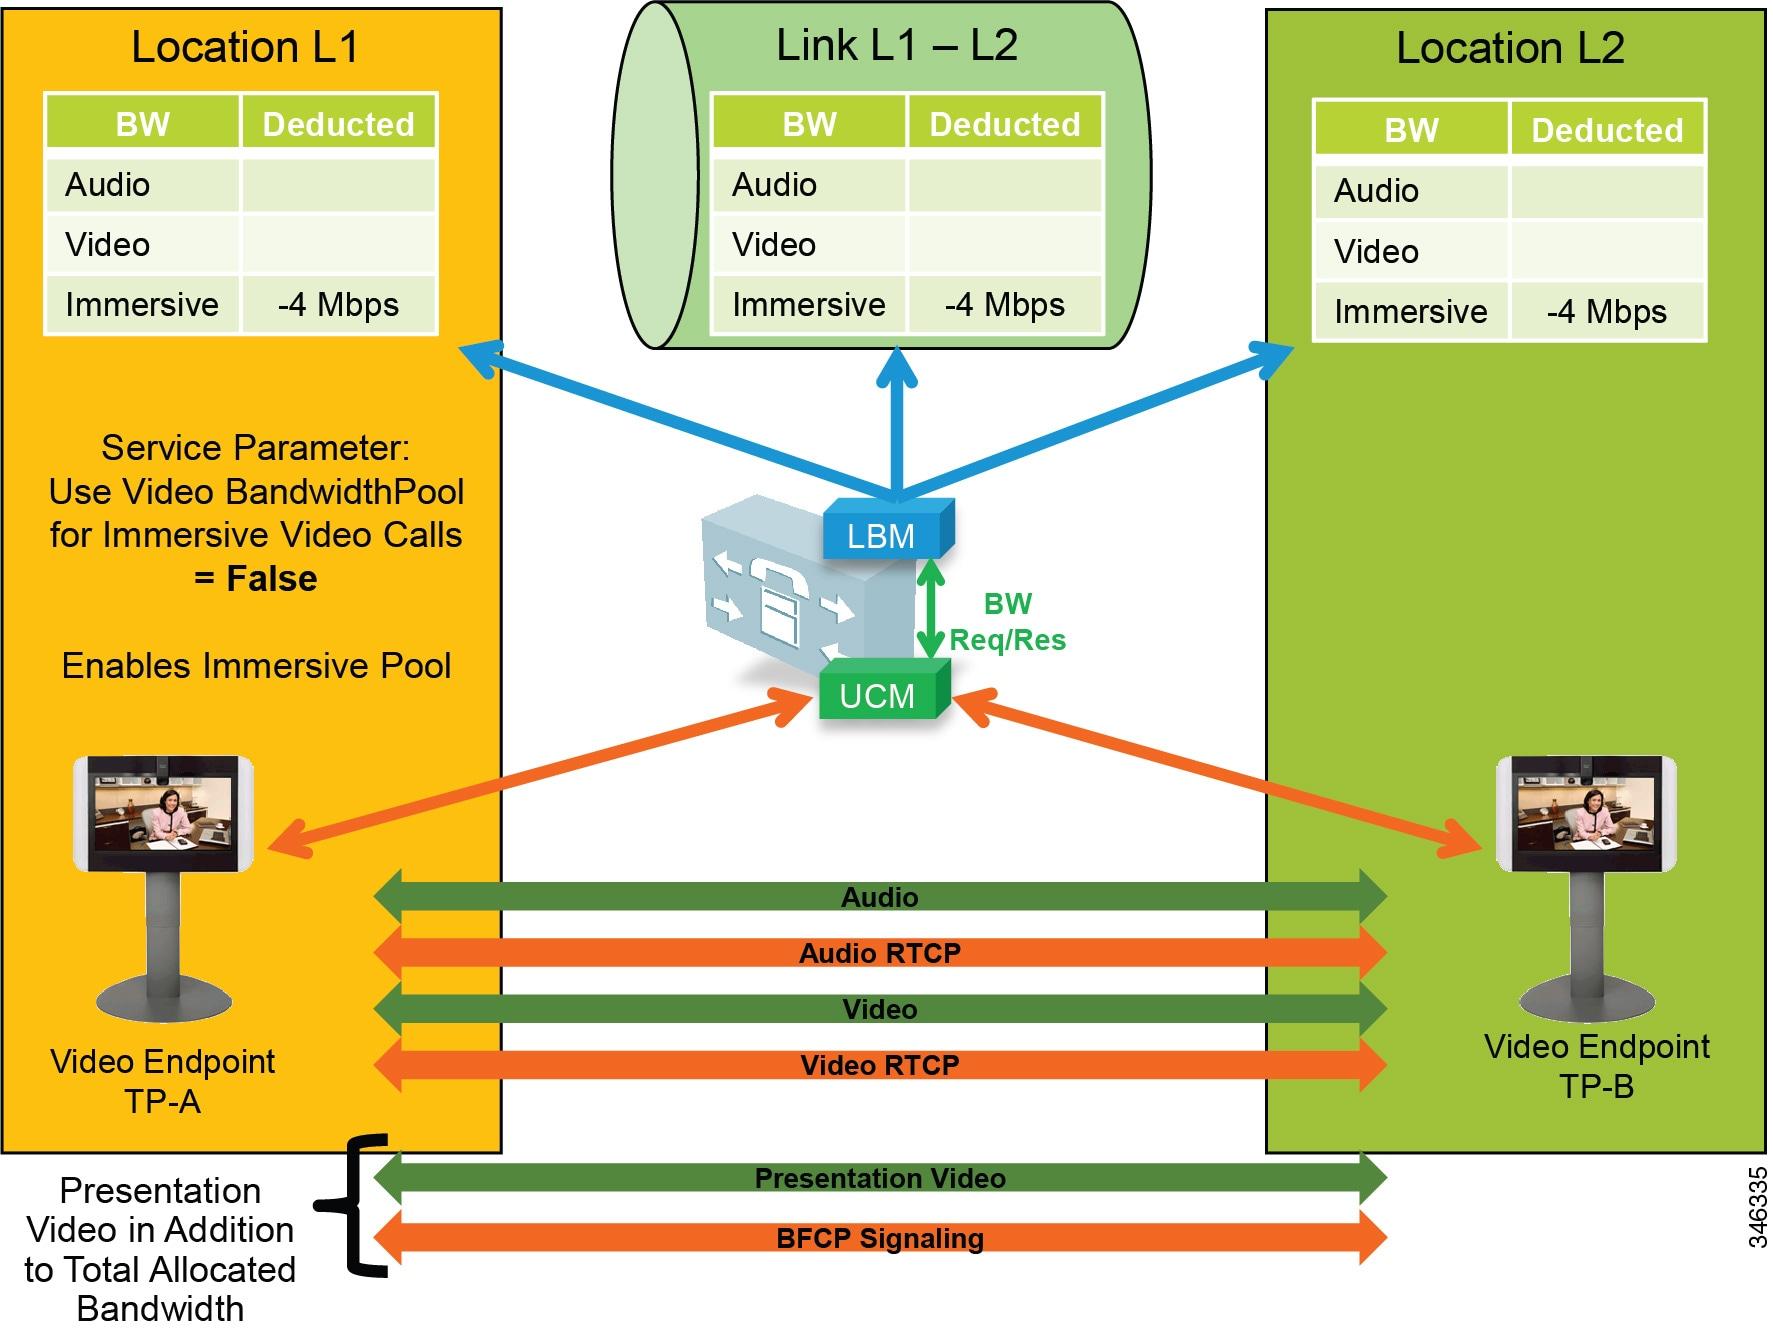 Wiring Diagram Pioneer Dxt 2369ub : Pioneer diagram wiring dxt ui ub